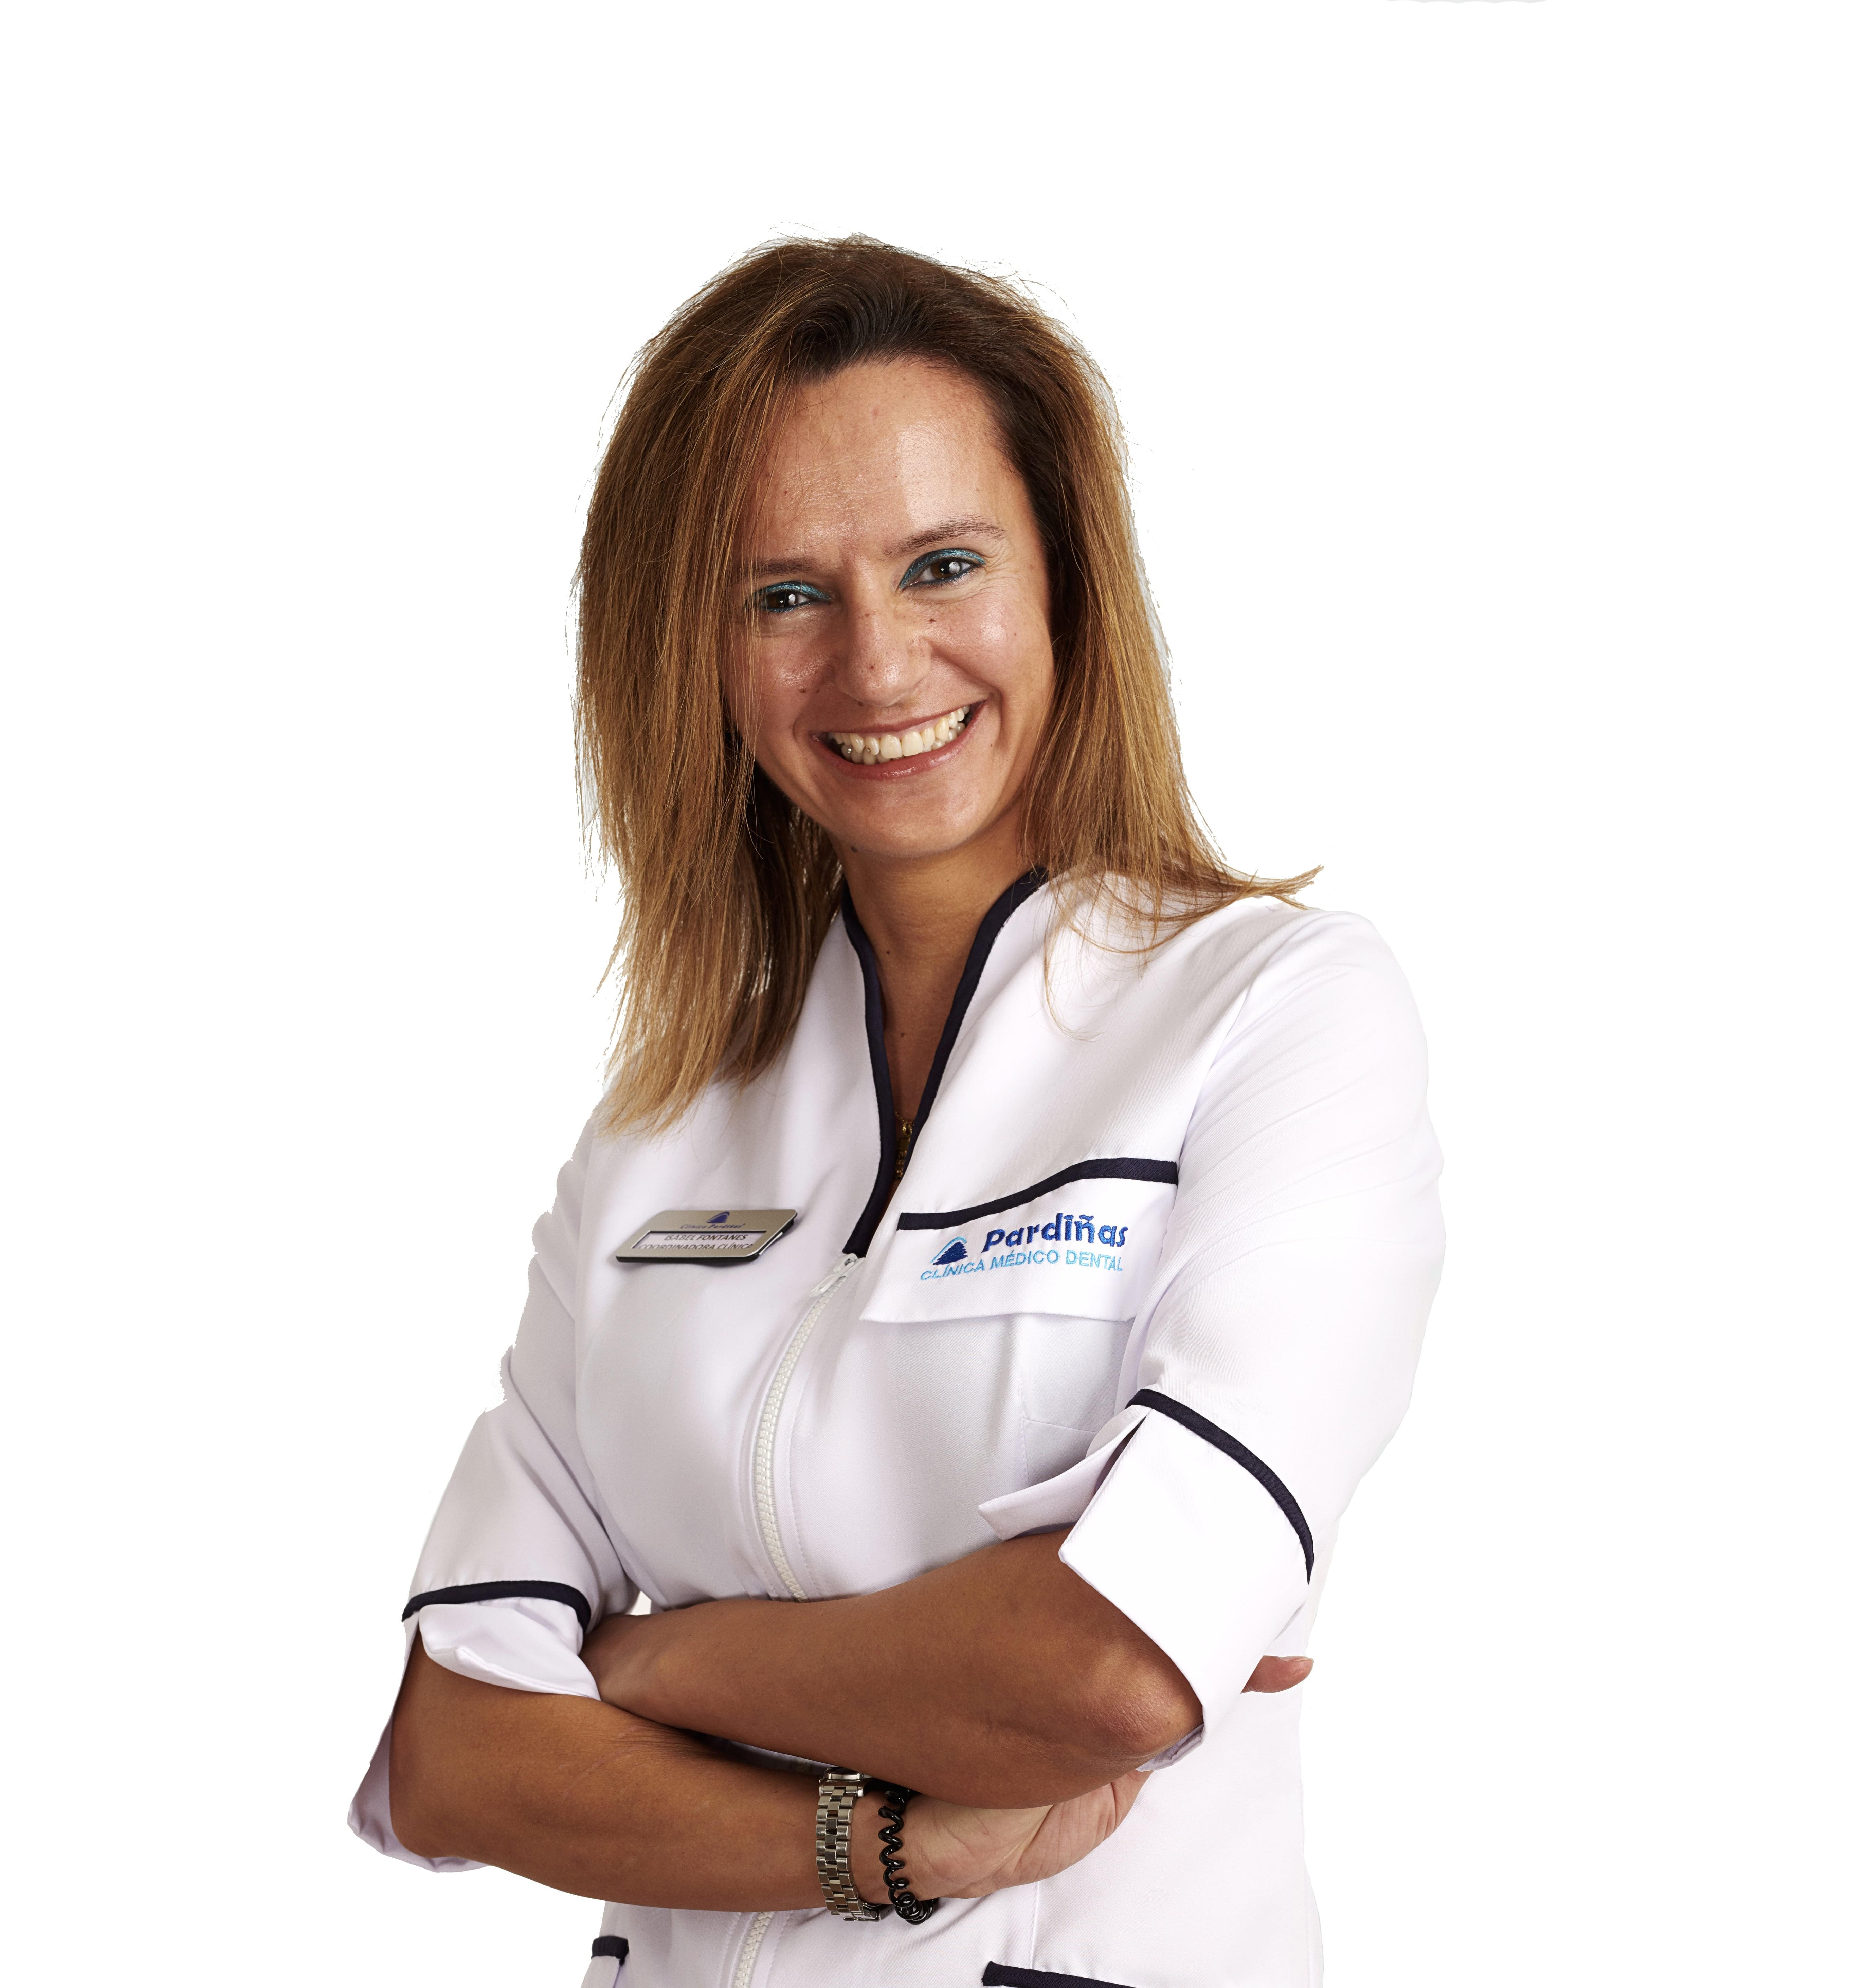 Isabel Fontanes: Patient coordinator